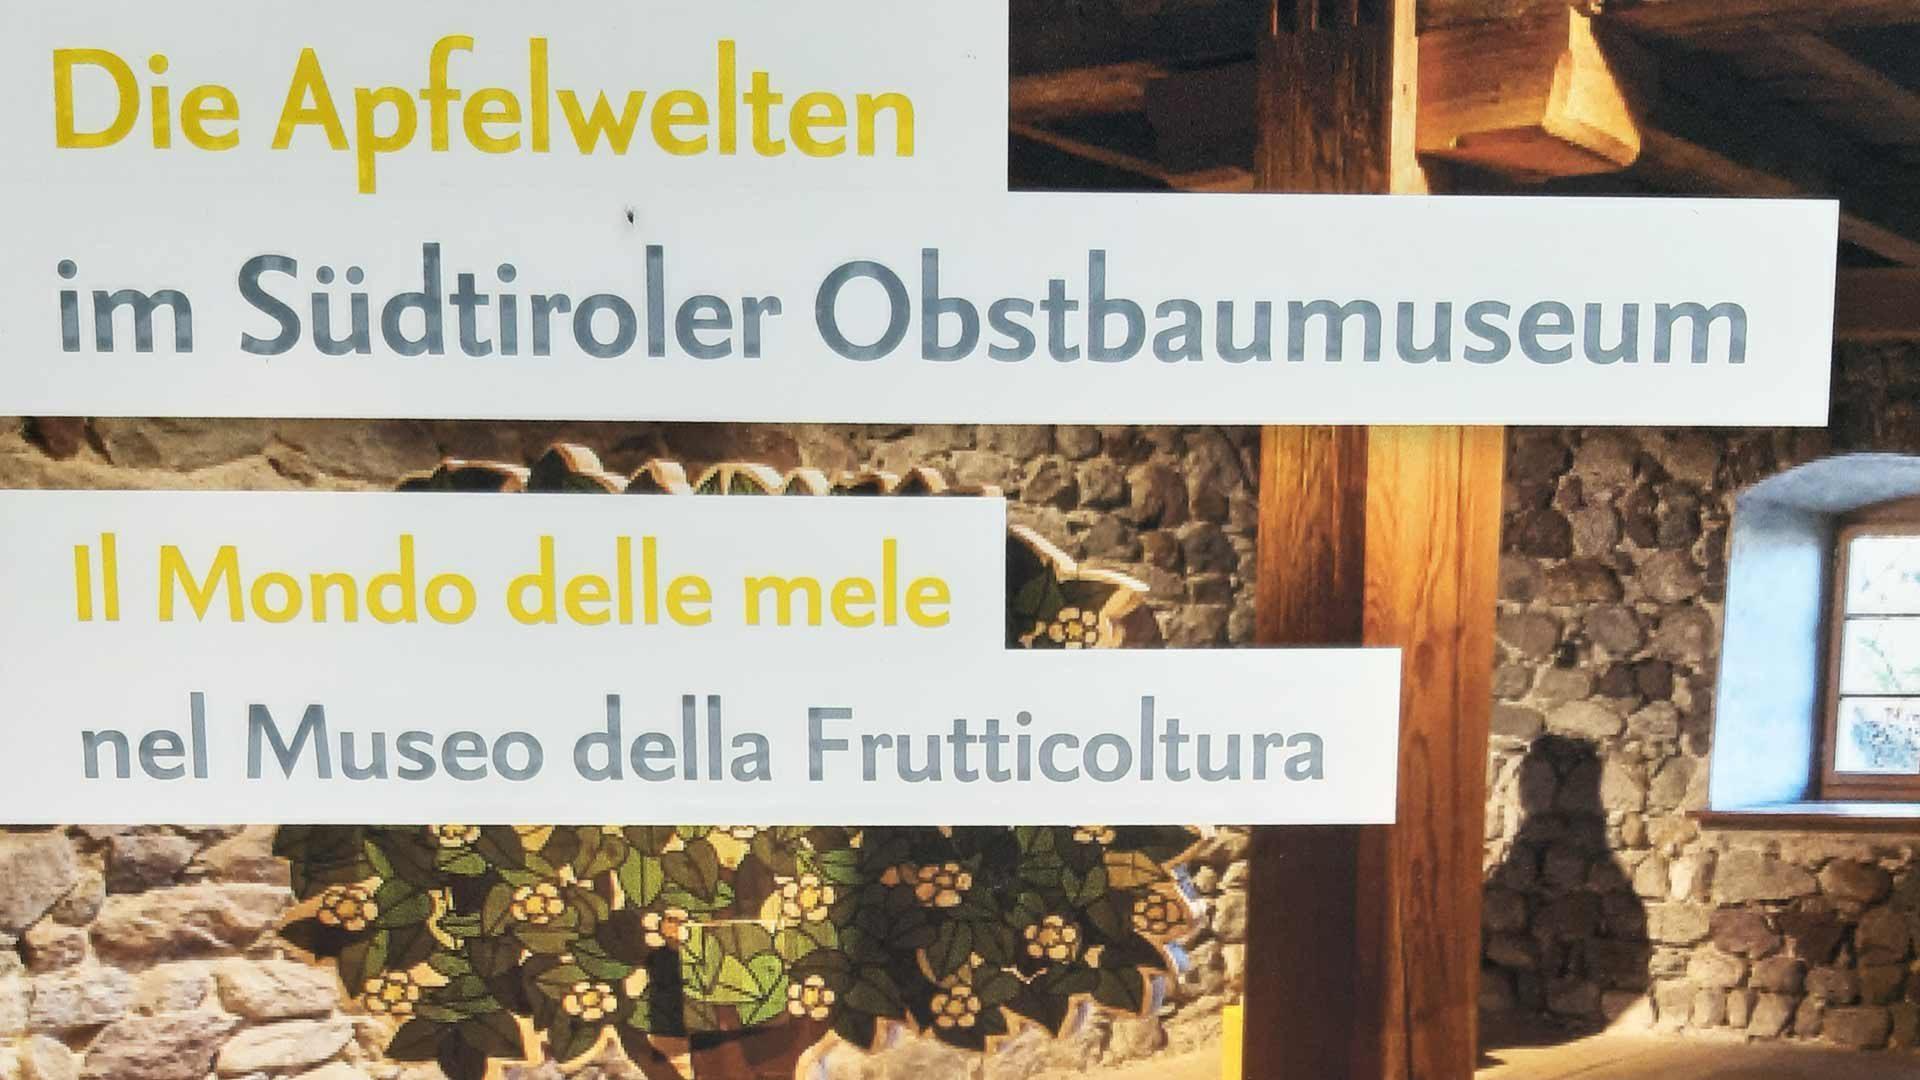 Museo della frutticoltura in Alto Adige